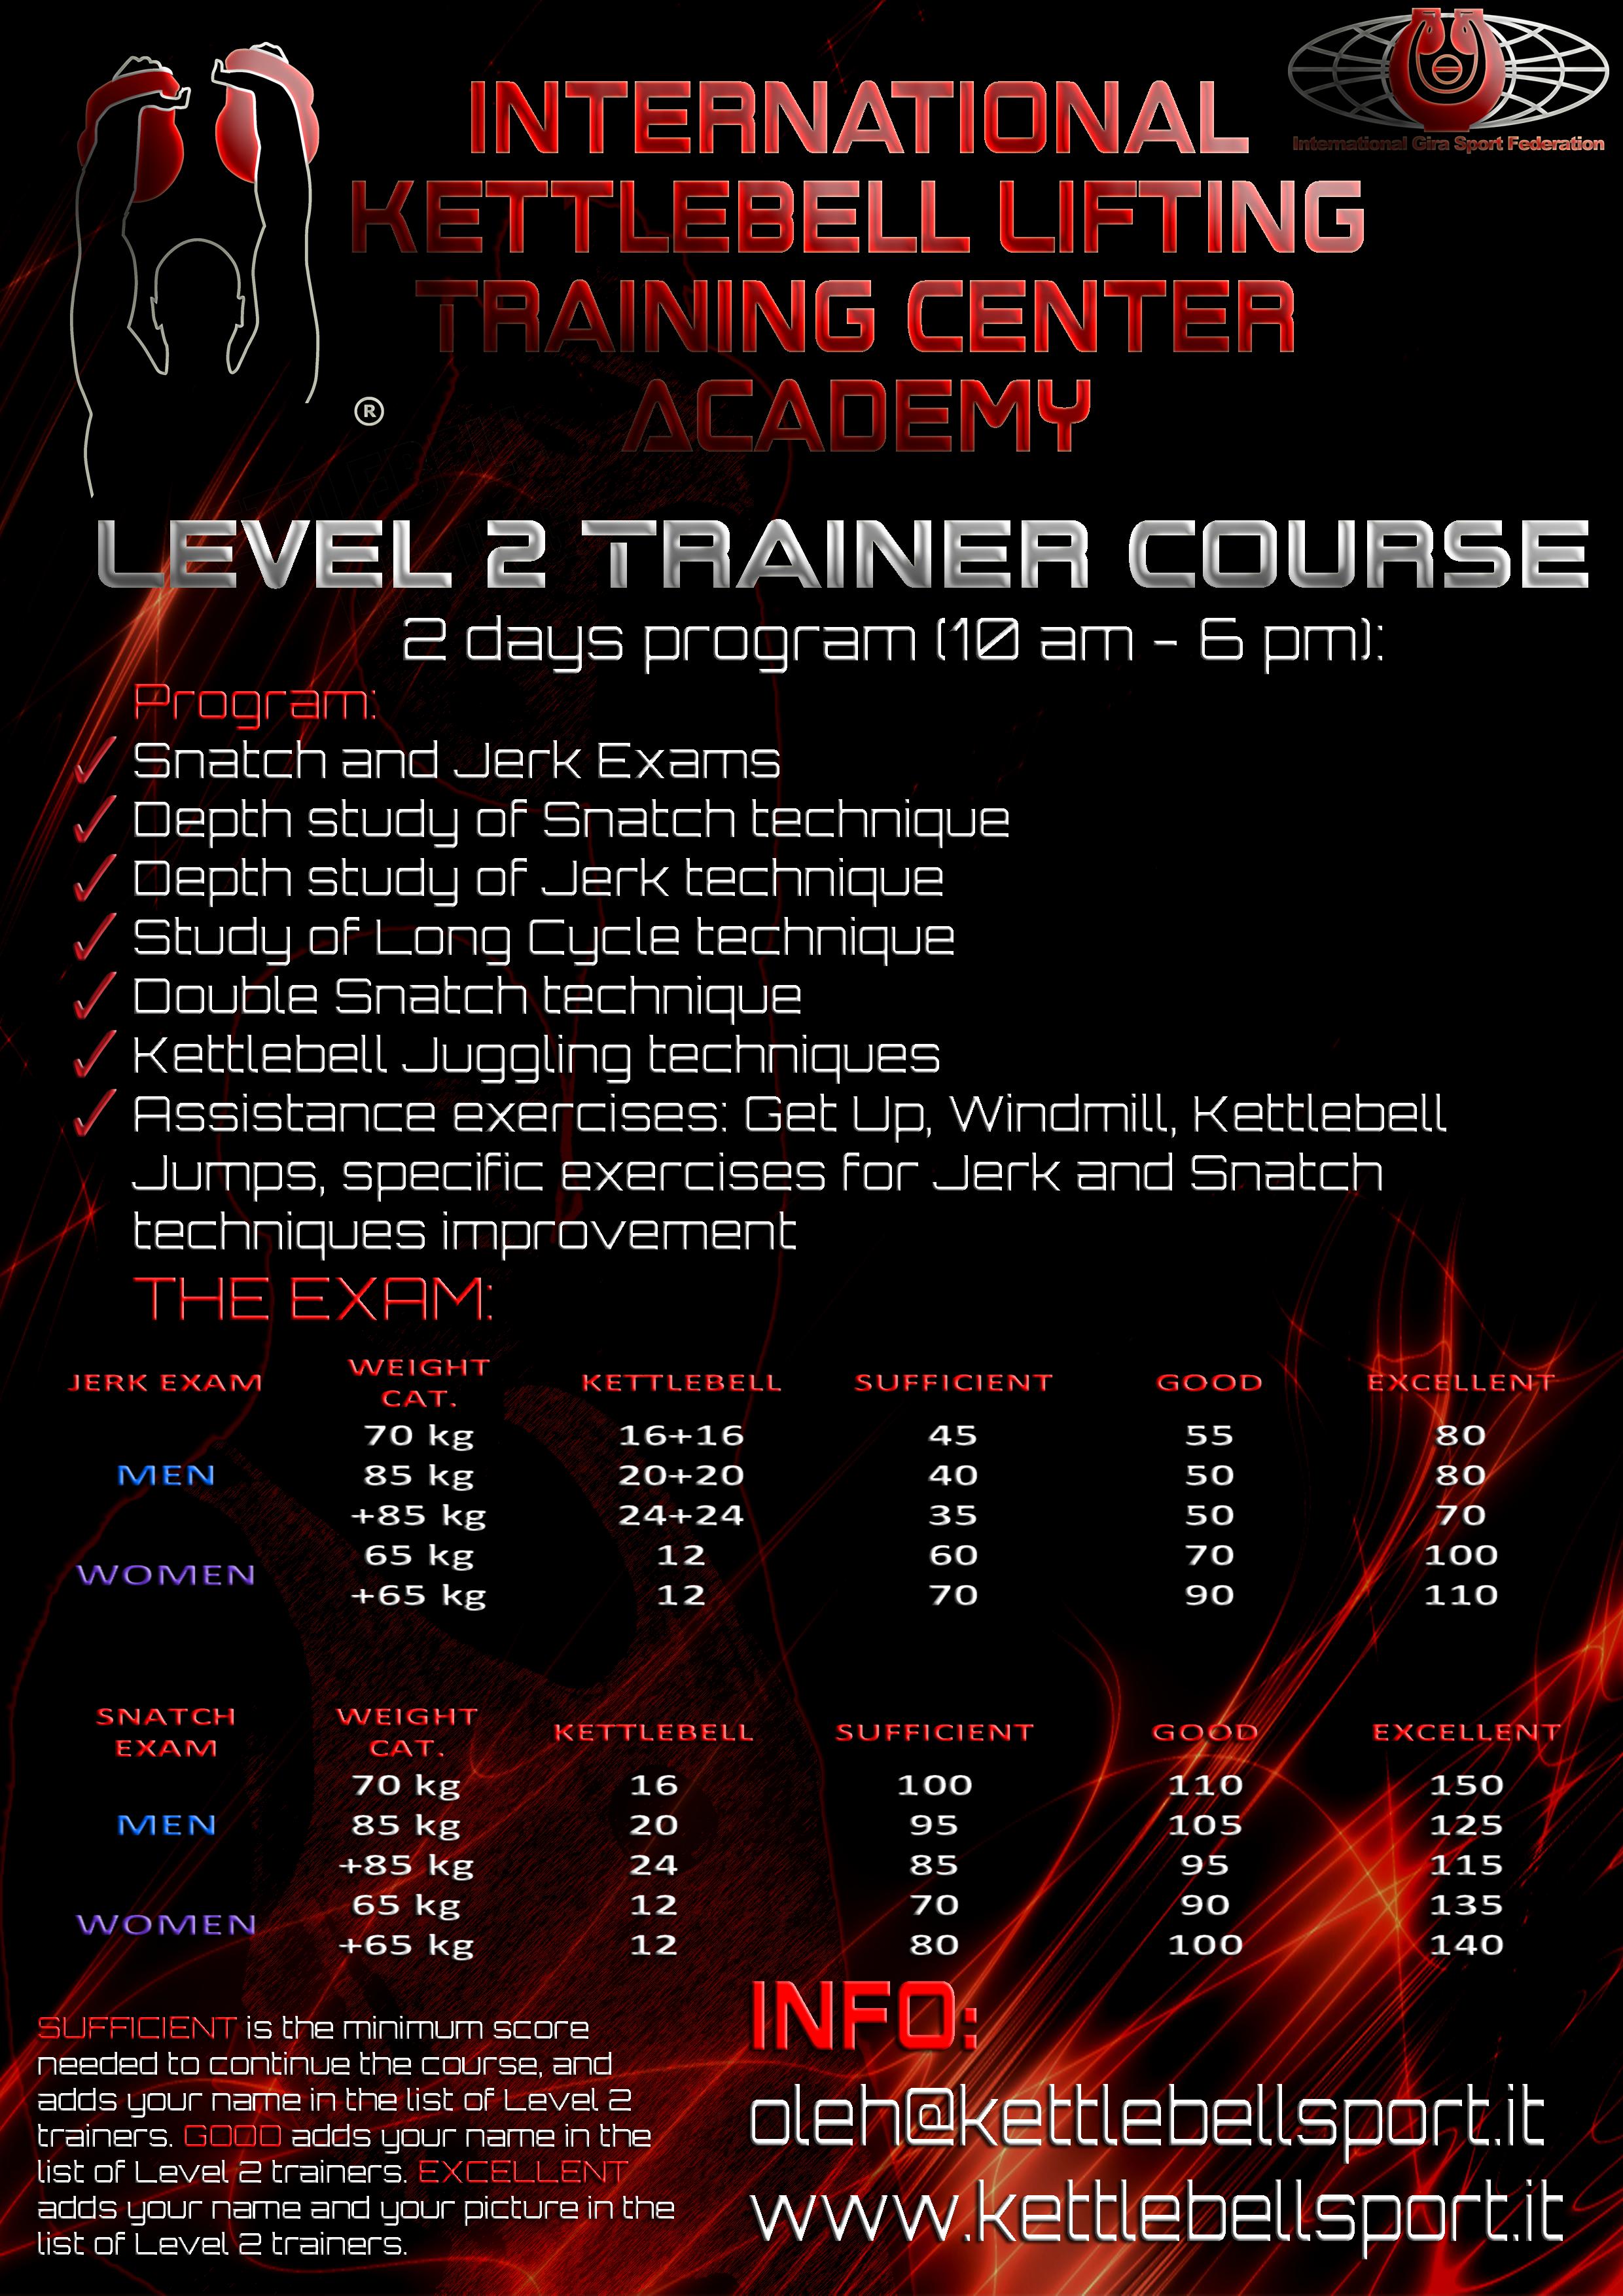 Level 2 Academy